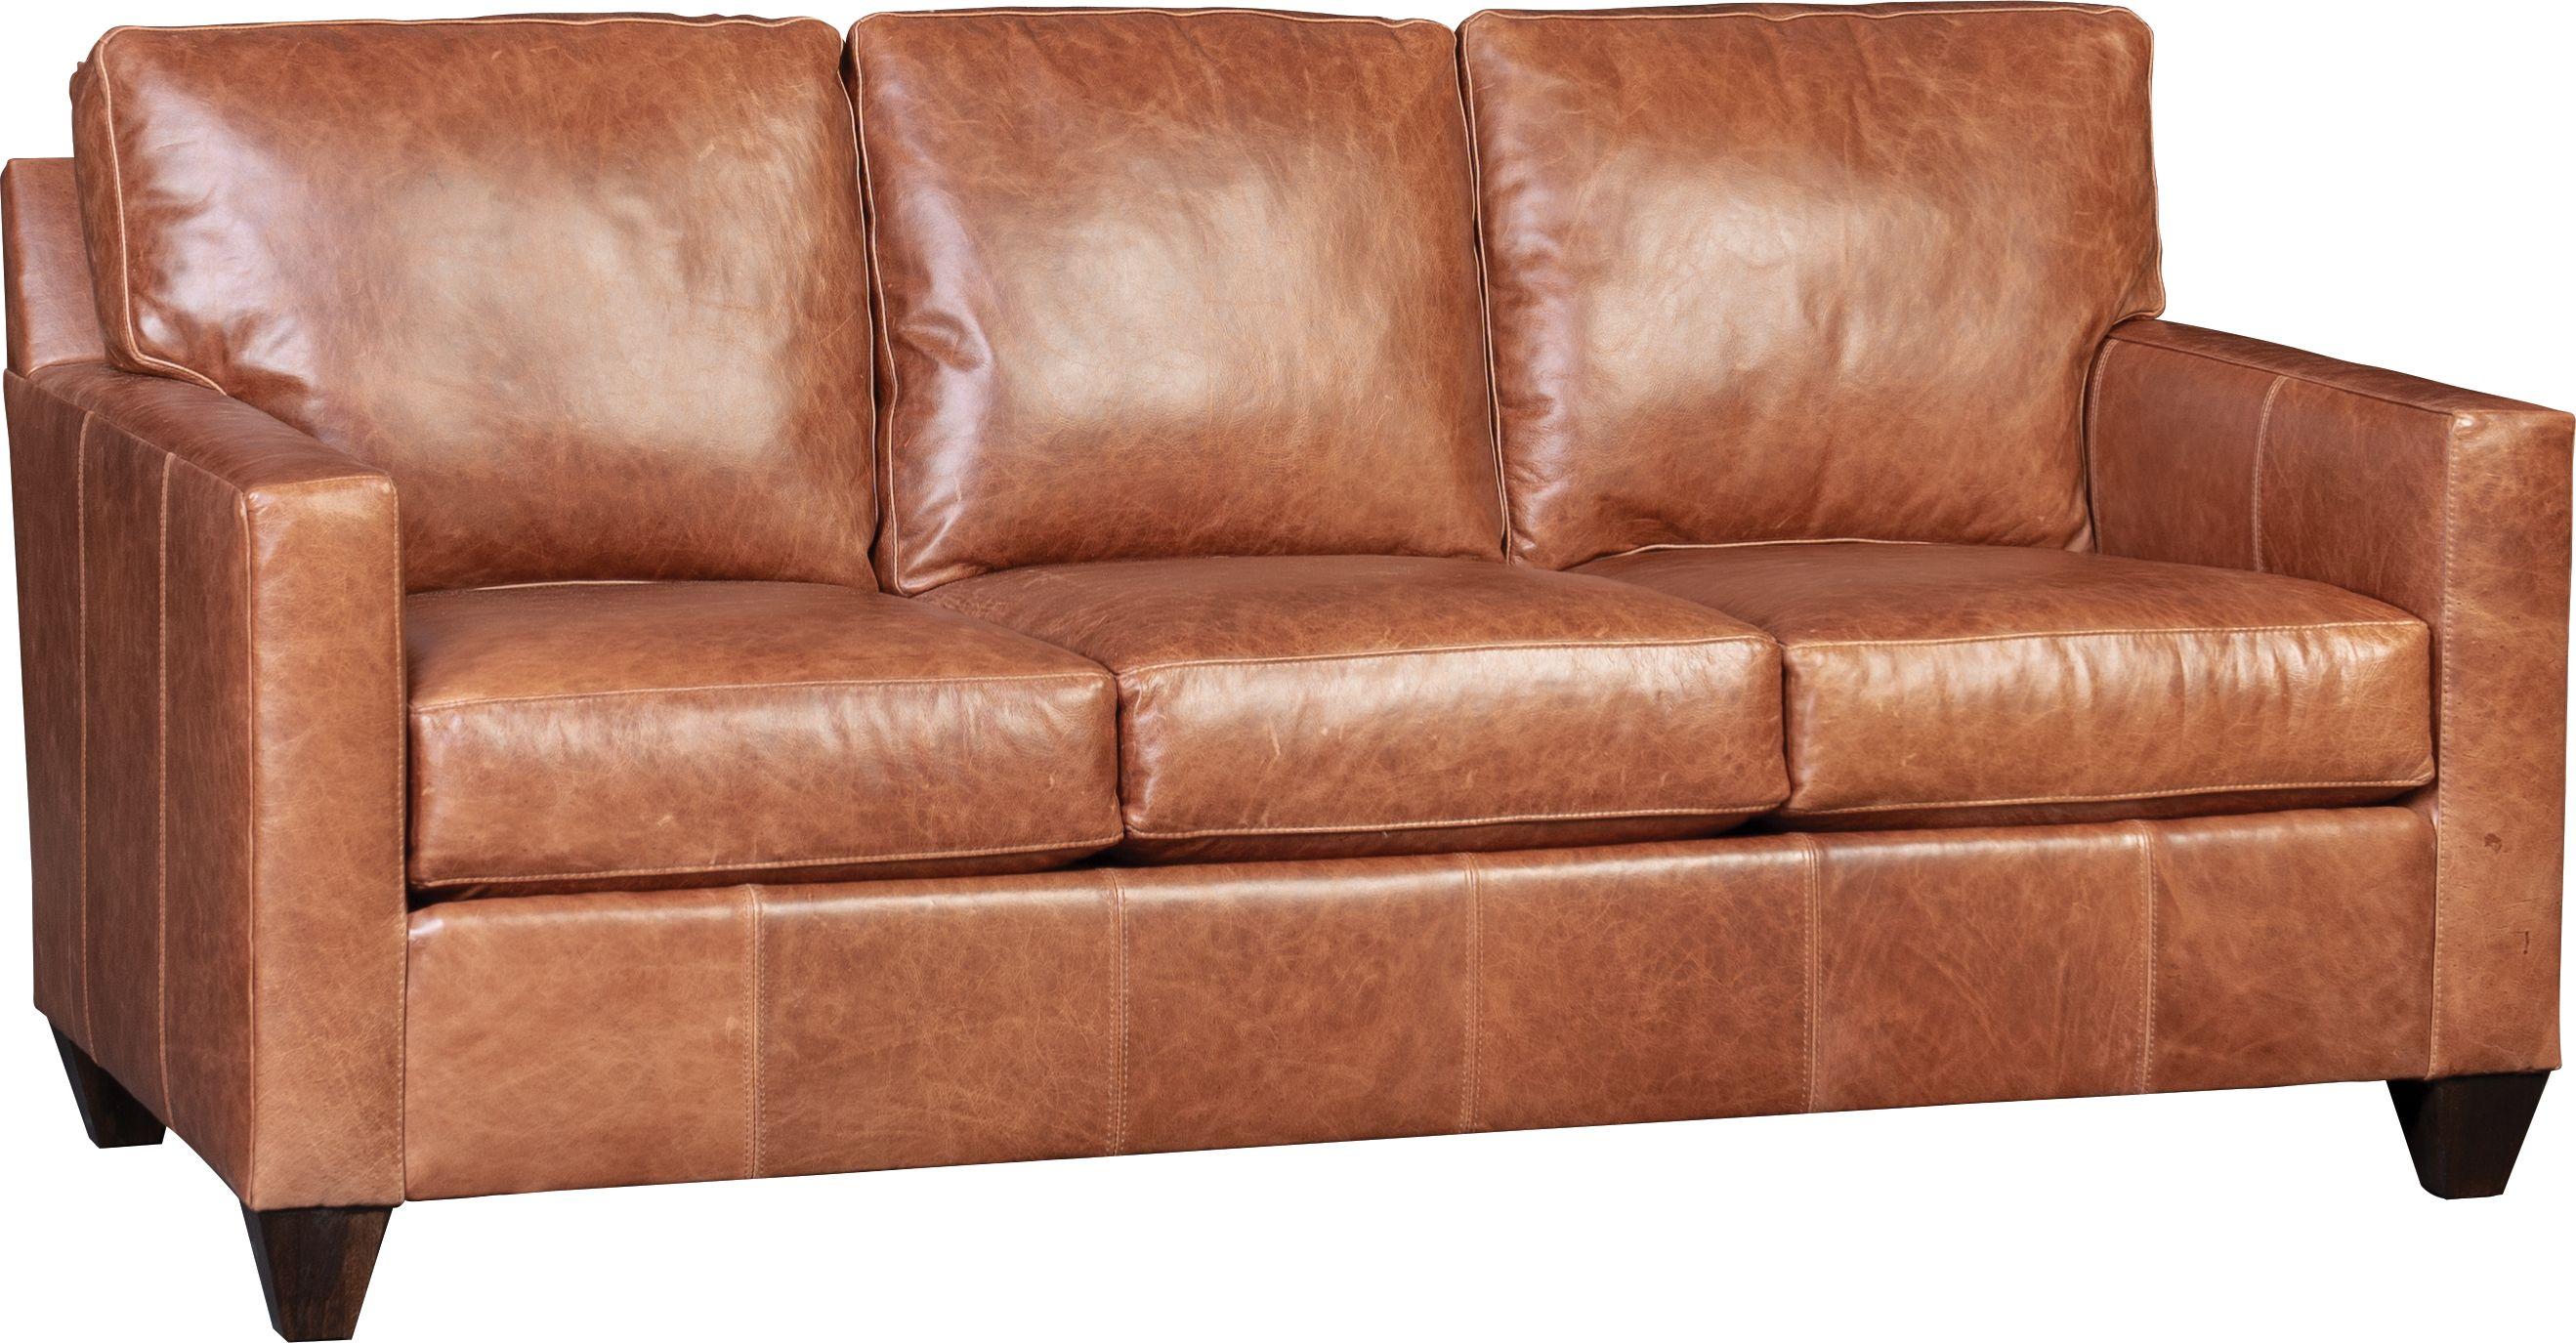 3488l Sofa In Vacchetta Walnut Southwestern Furniture Furniture Store Unique Furniture